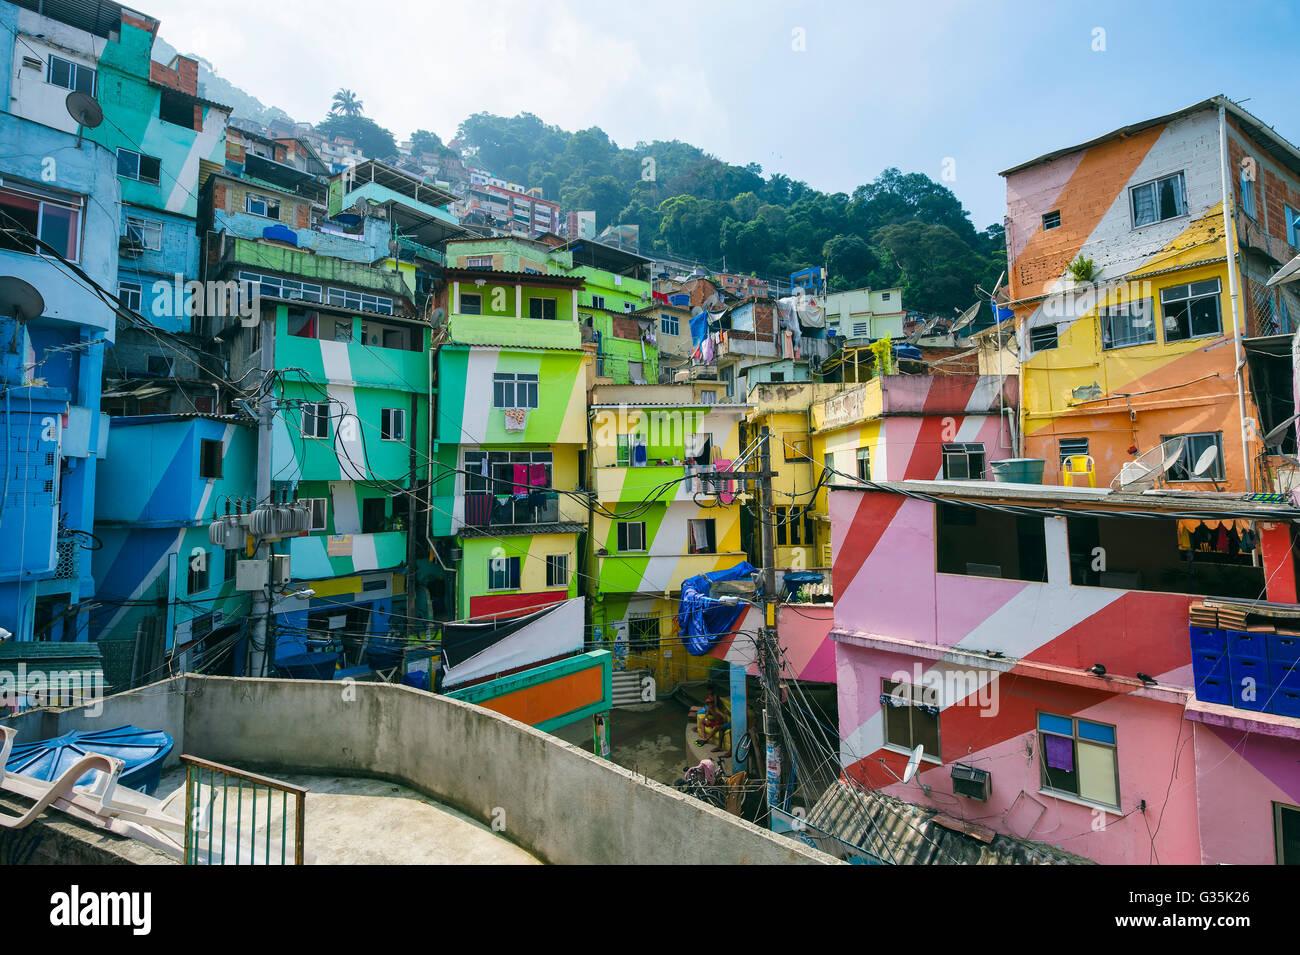 RIO DE JANEIRO - MARZO 31, 2016: gli edifici colorati segnano l'ingresso al Santa Marta comunità (favela). Immagini Stock